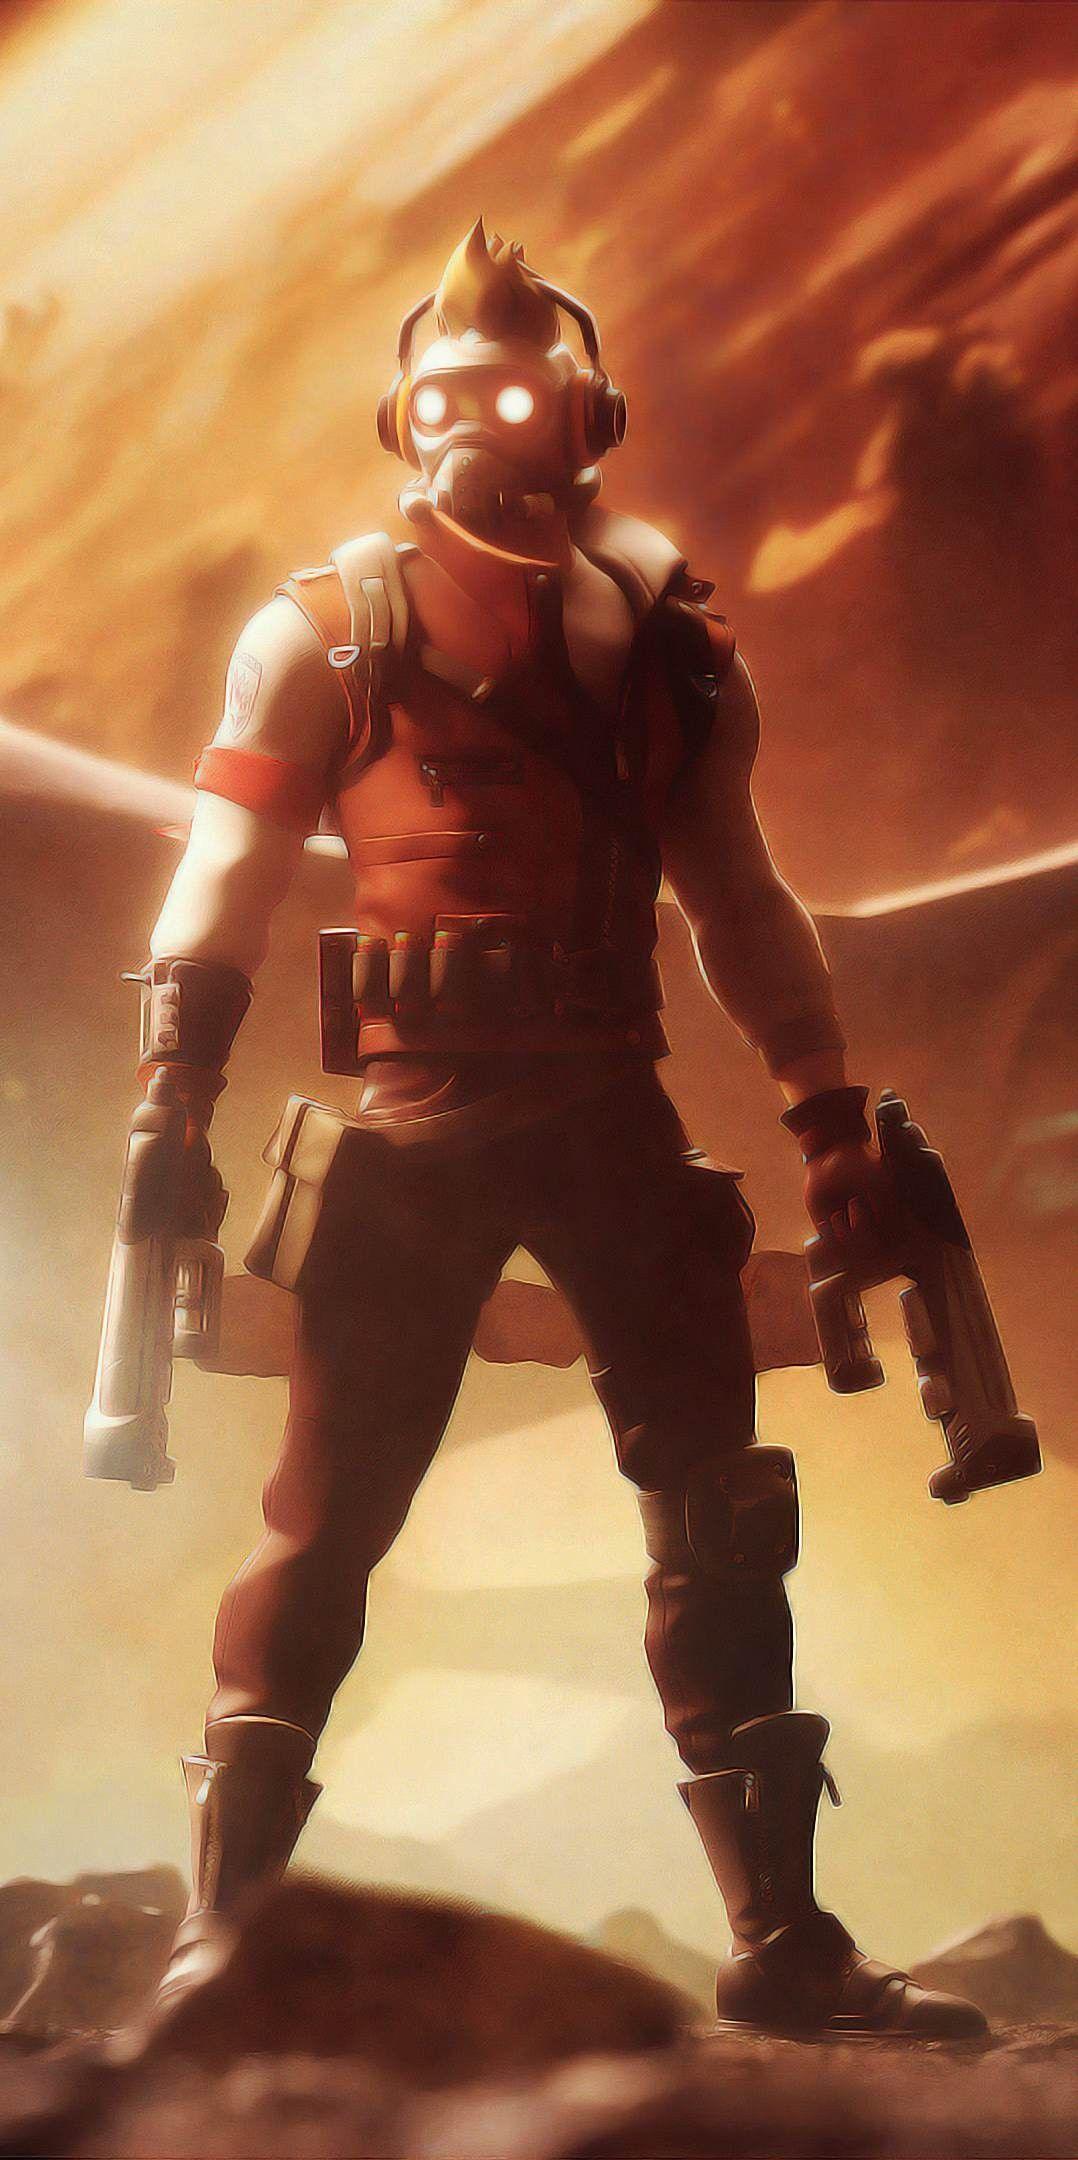 Pin Von Iyan Sofyan Auf Super Heroes Pictures Star Lord Fortnite Bilder Fortnite